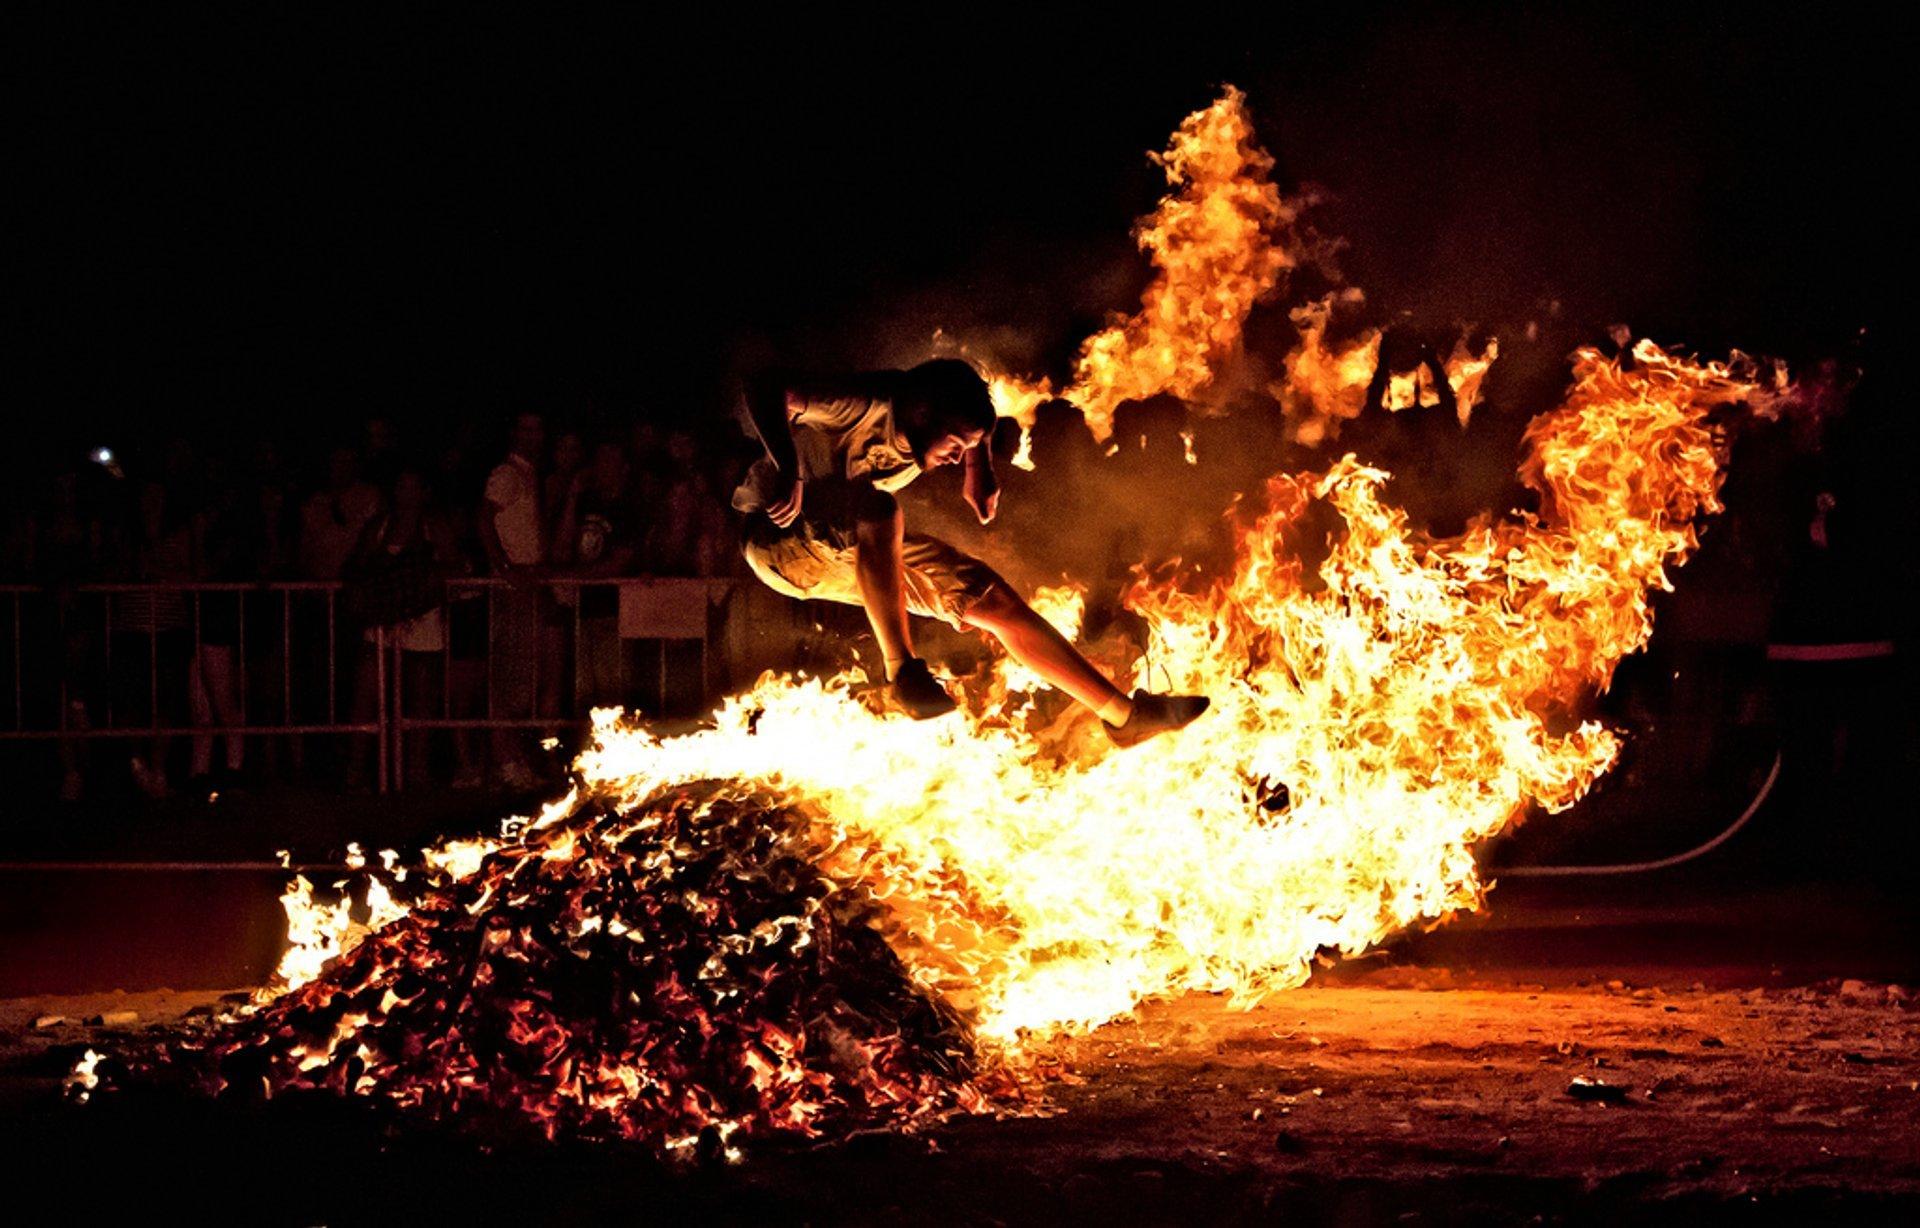 San Juan Bonfire Festival (Noche de San Juan) in Spain - Best Season 2020